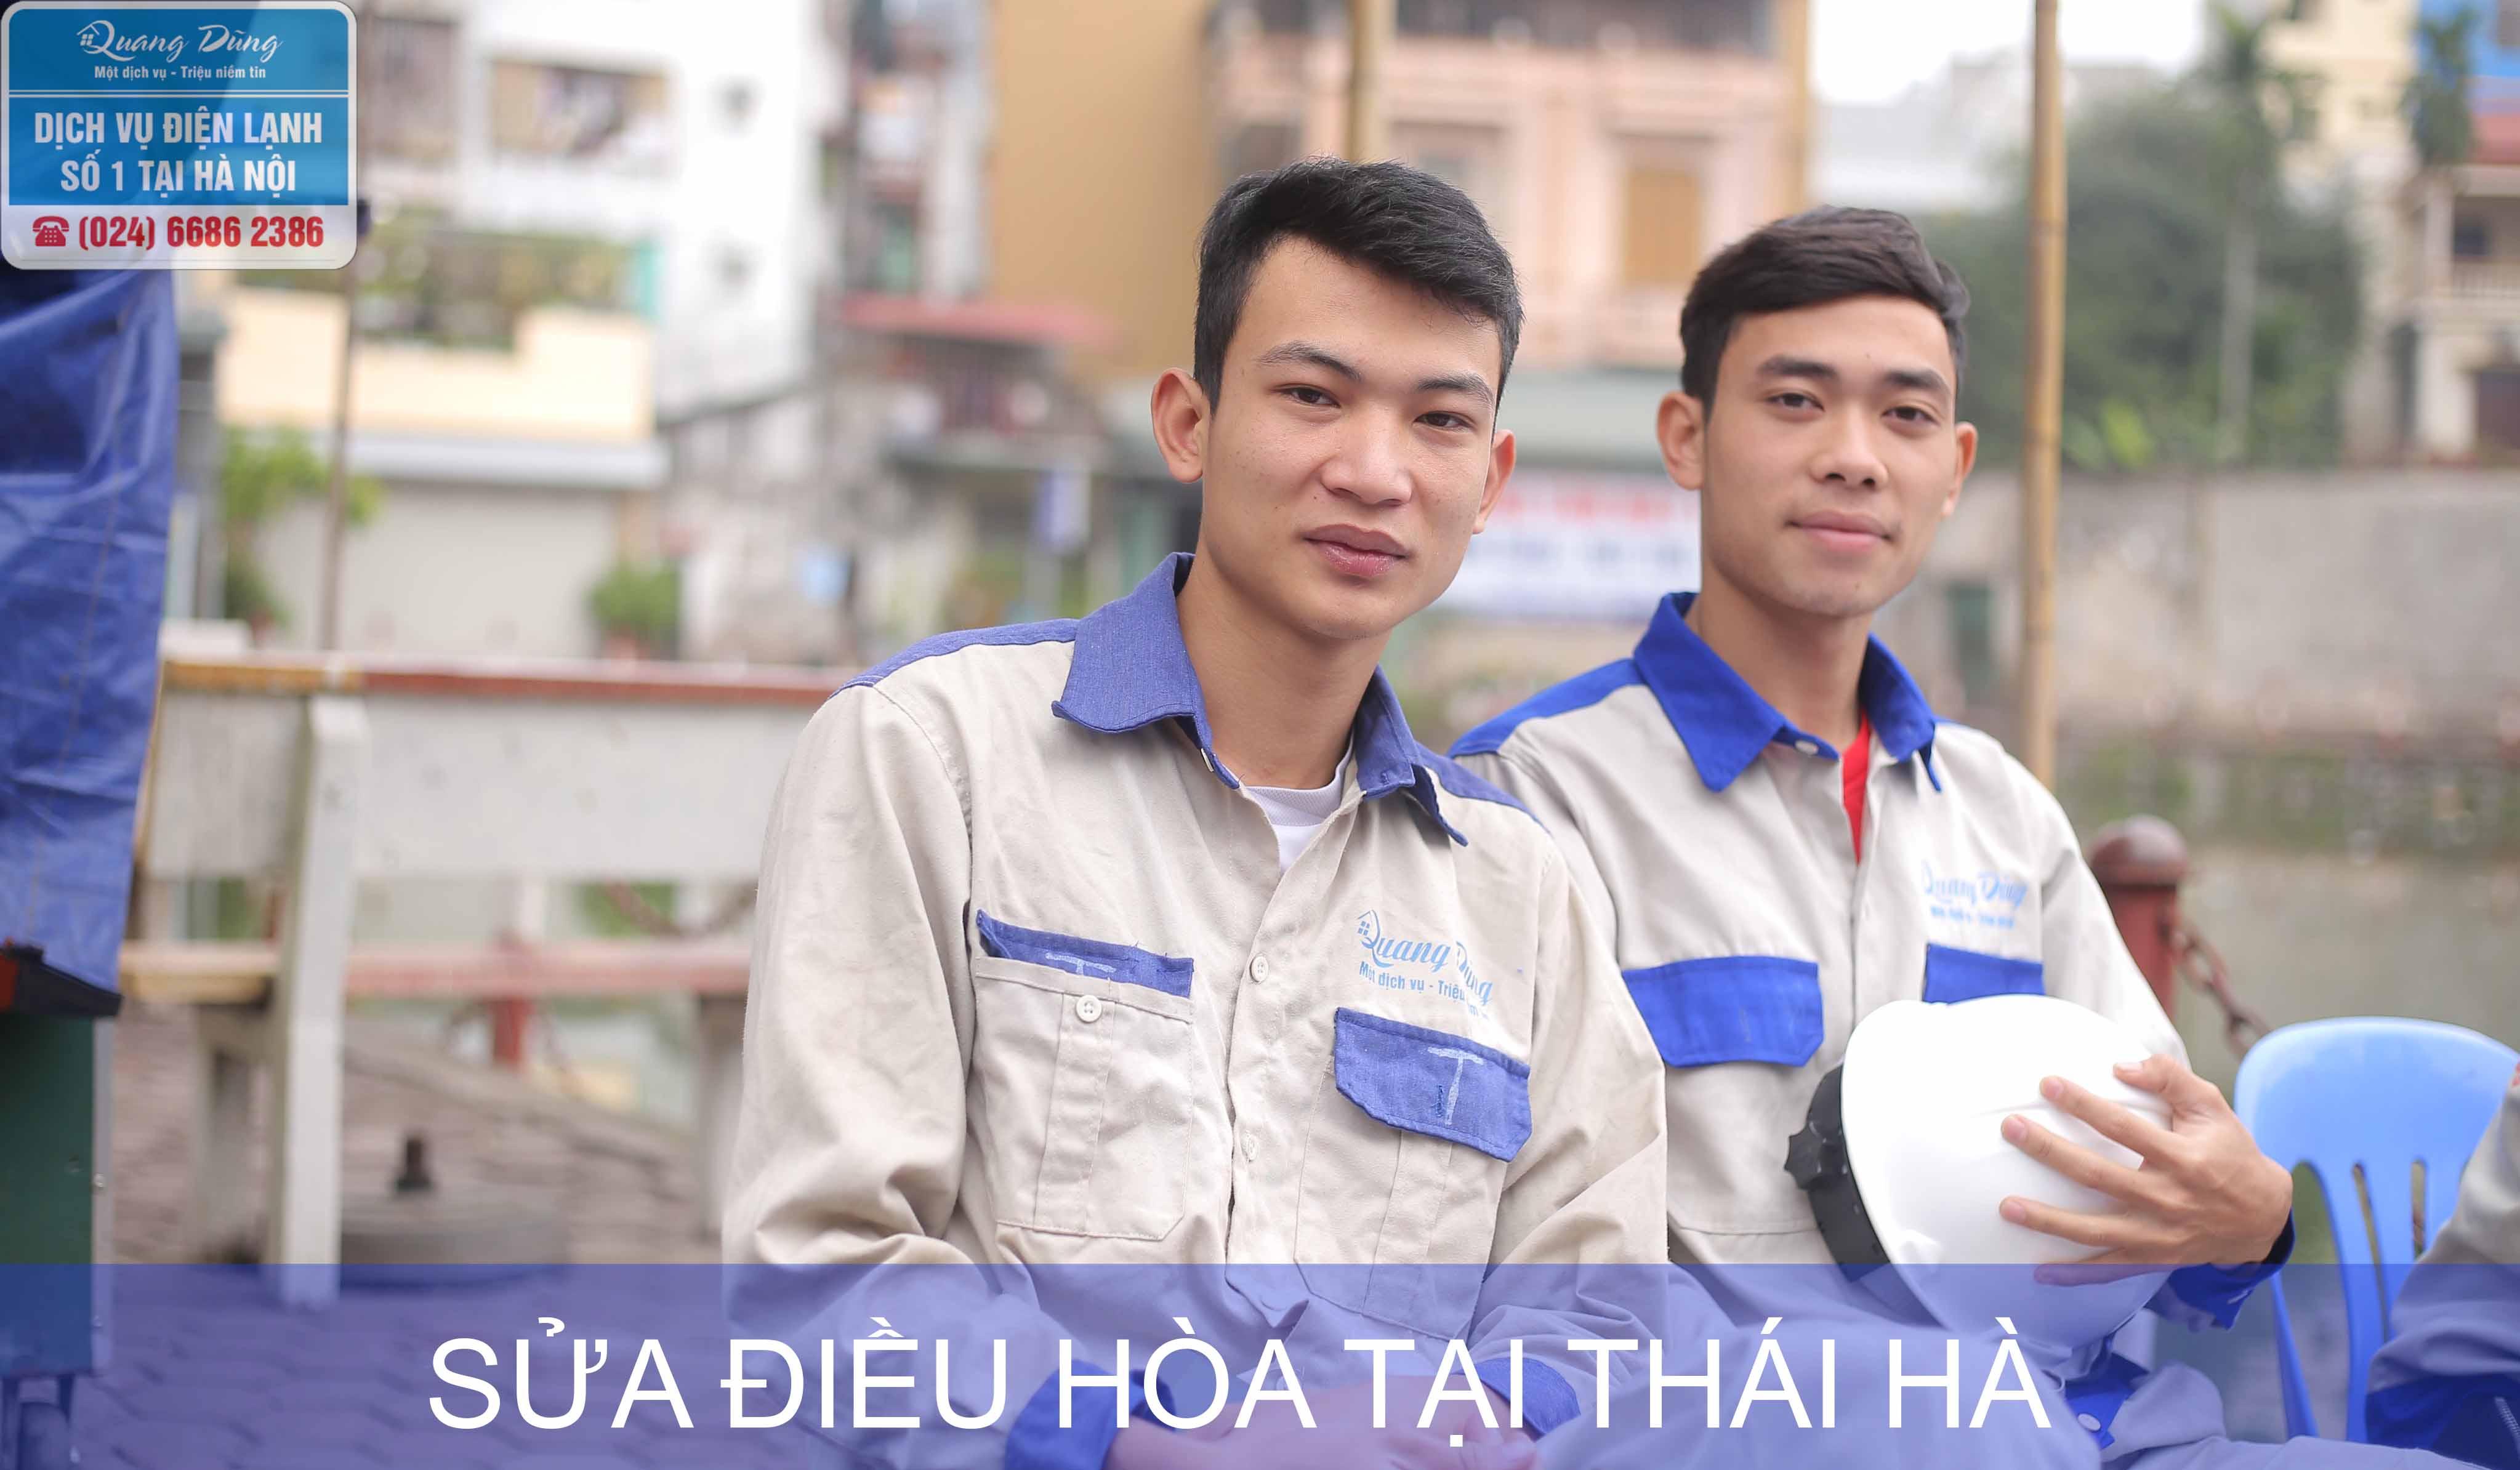 tho sua dieu hoa tai thai ha